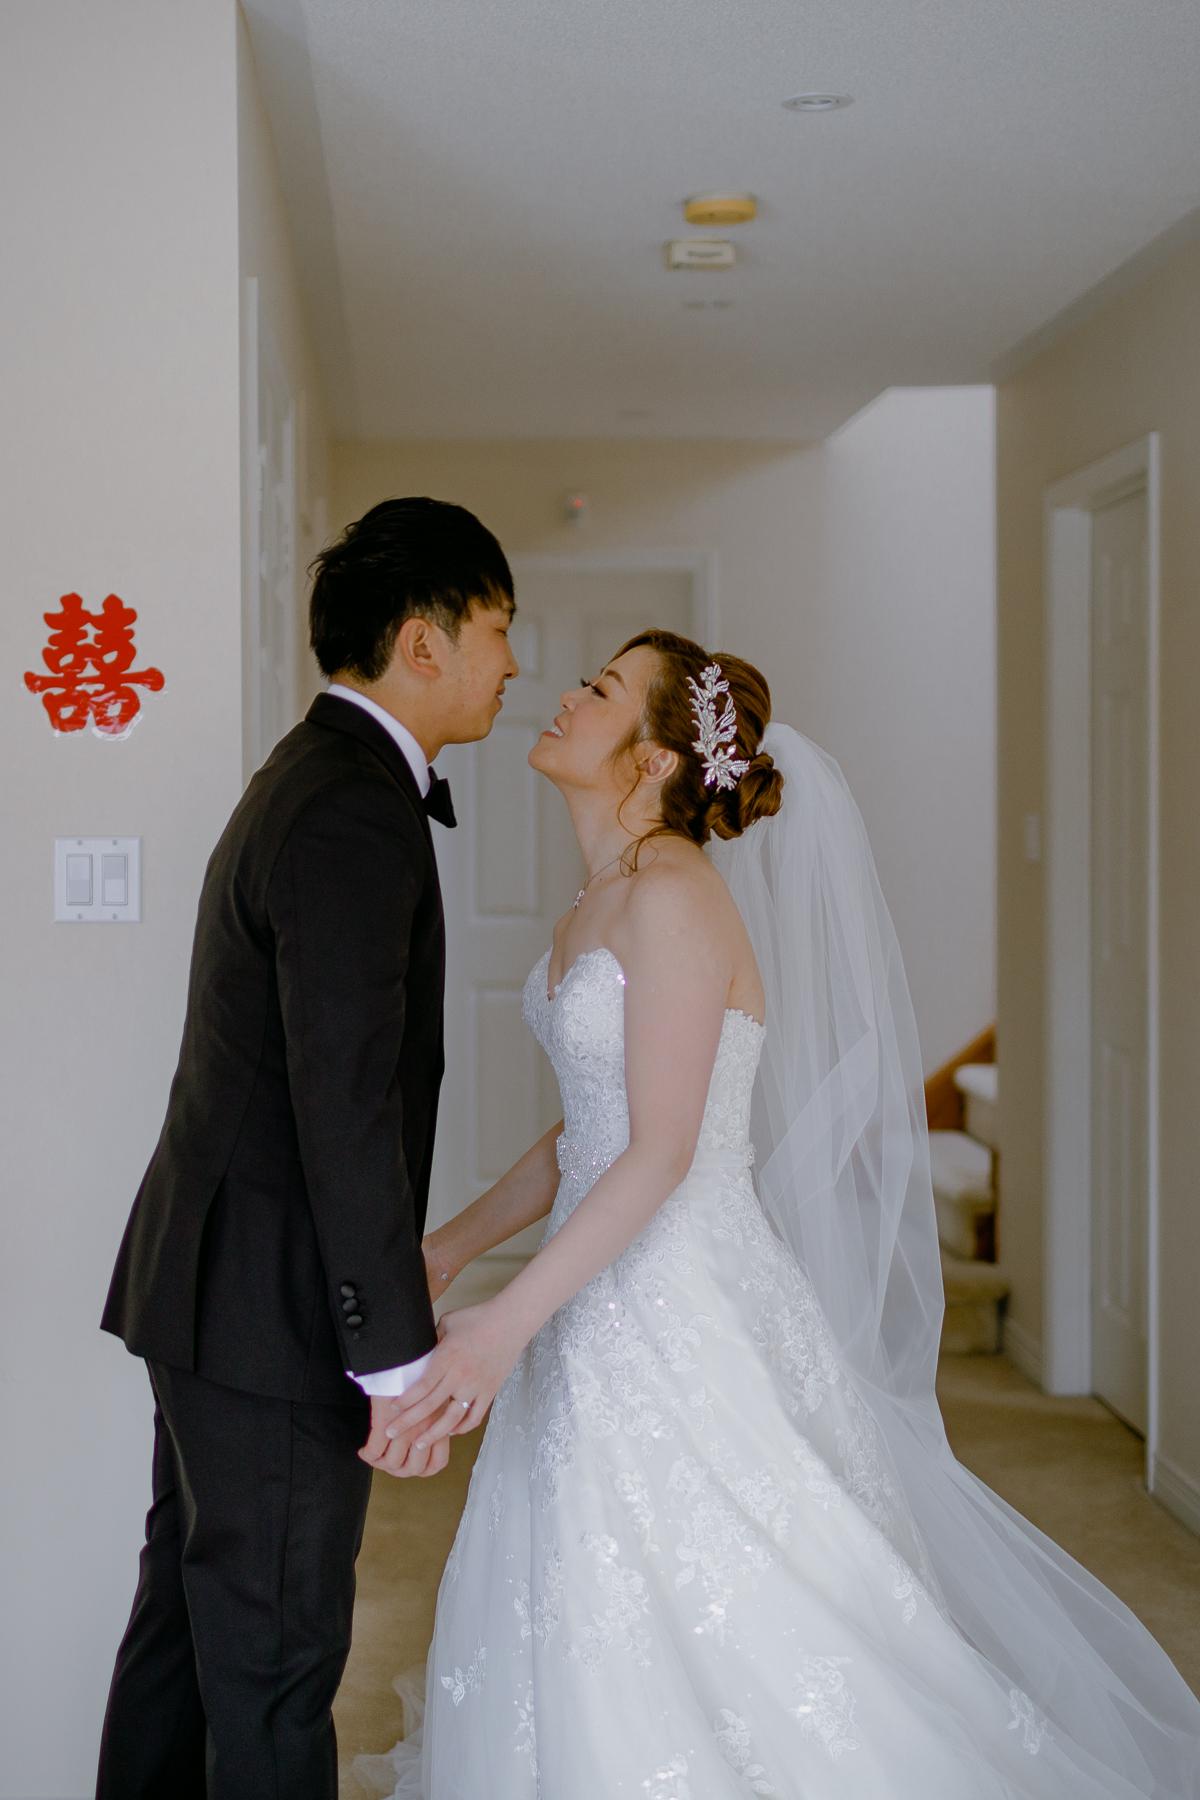 markham-wedding-photography-markham-museum-wedding 0012.jpg